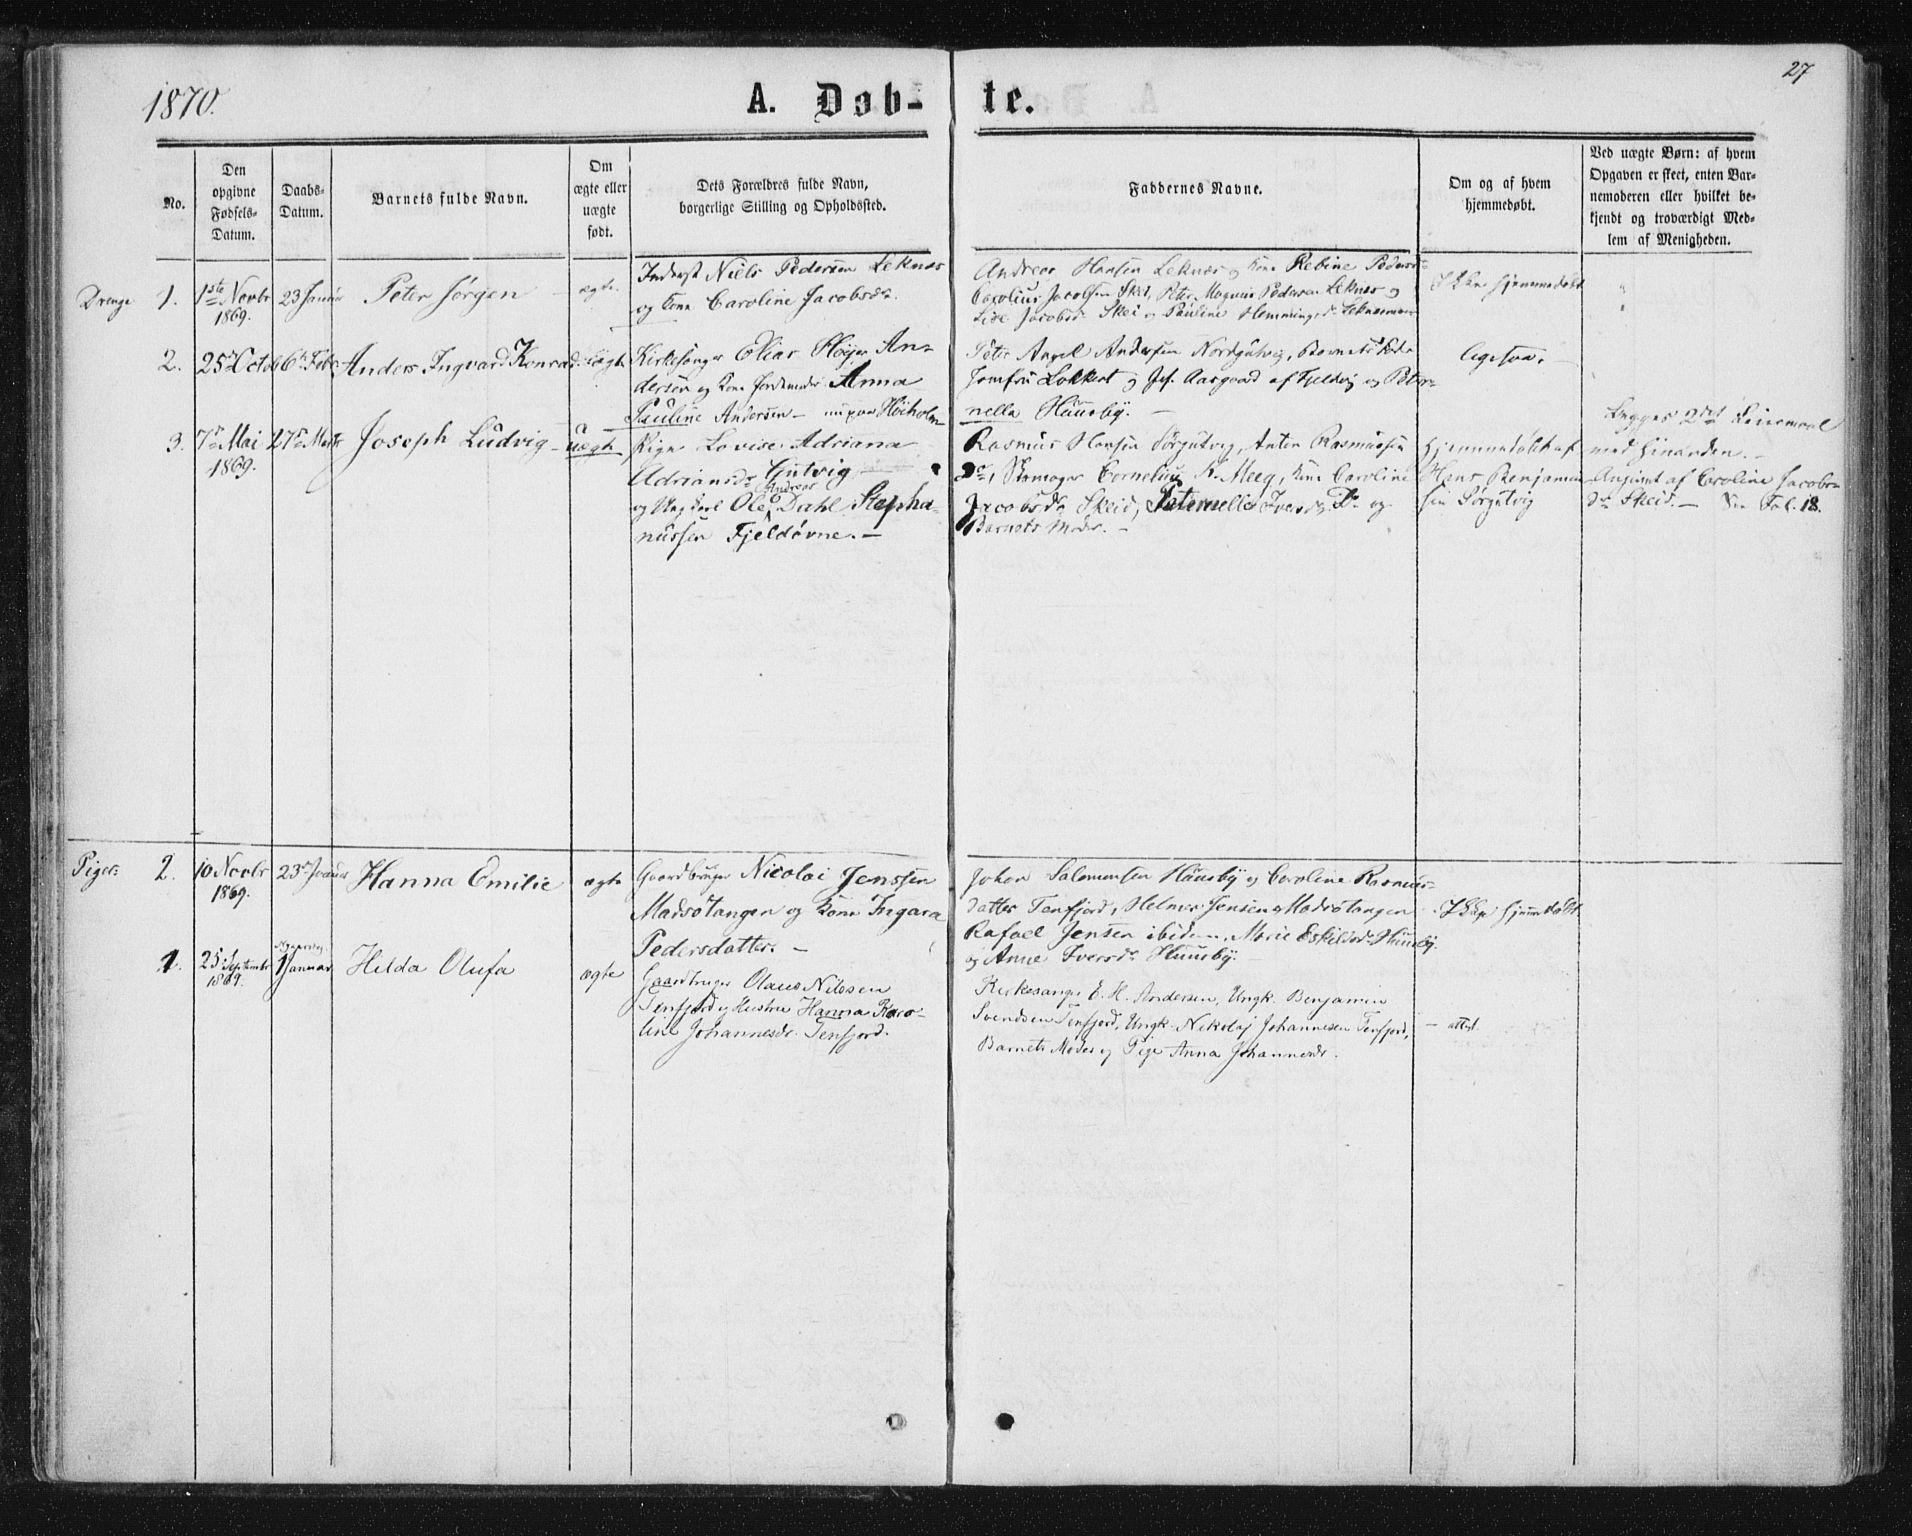 SAT, Ministerialprotokoller, klokkerbøker og fødselsregistre - Nord-Trøndelag, 788/L0696: Ministerialbok nr. 788A03, 1863-1877, s. 27